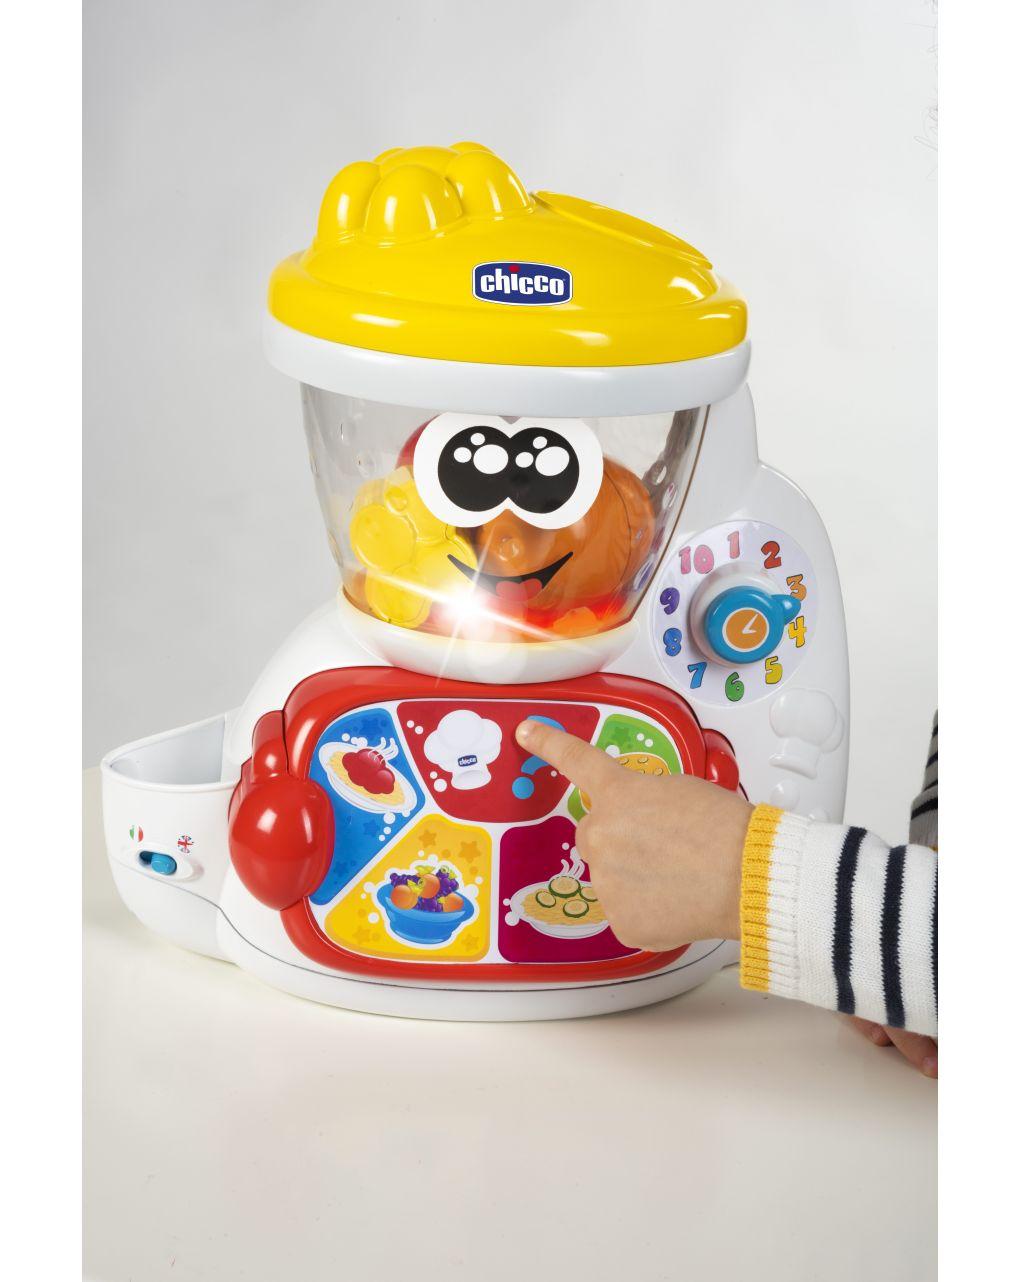 Chicco - cooky, il robot da cucina - Chicco